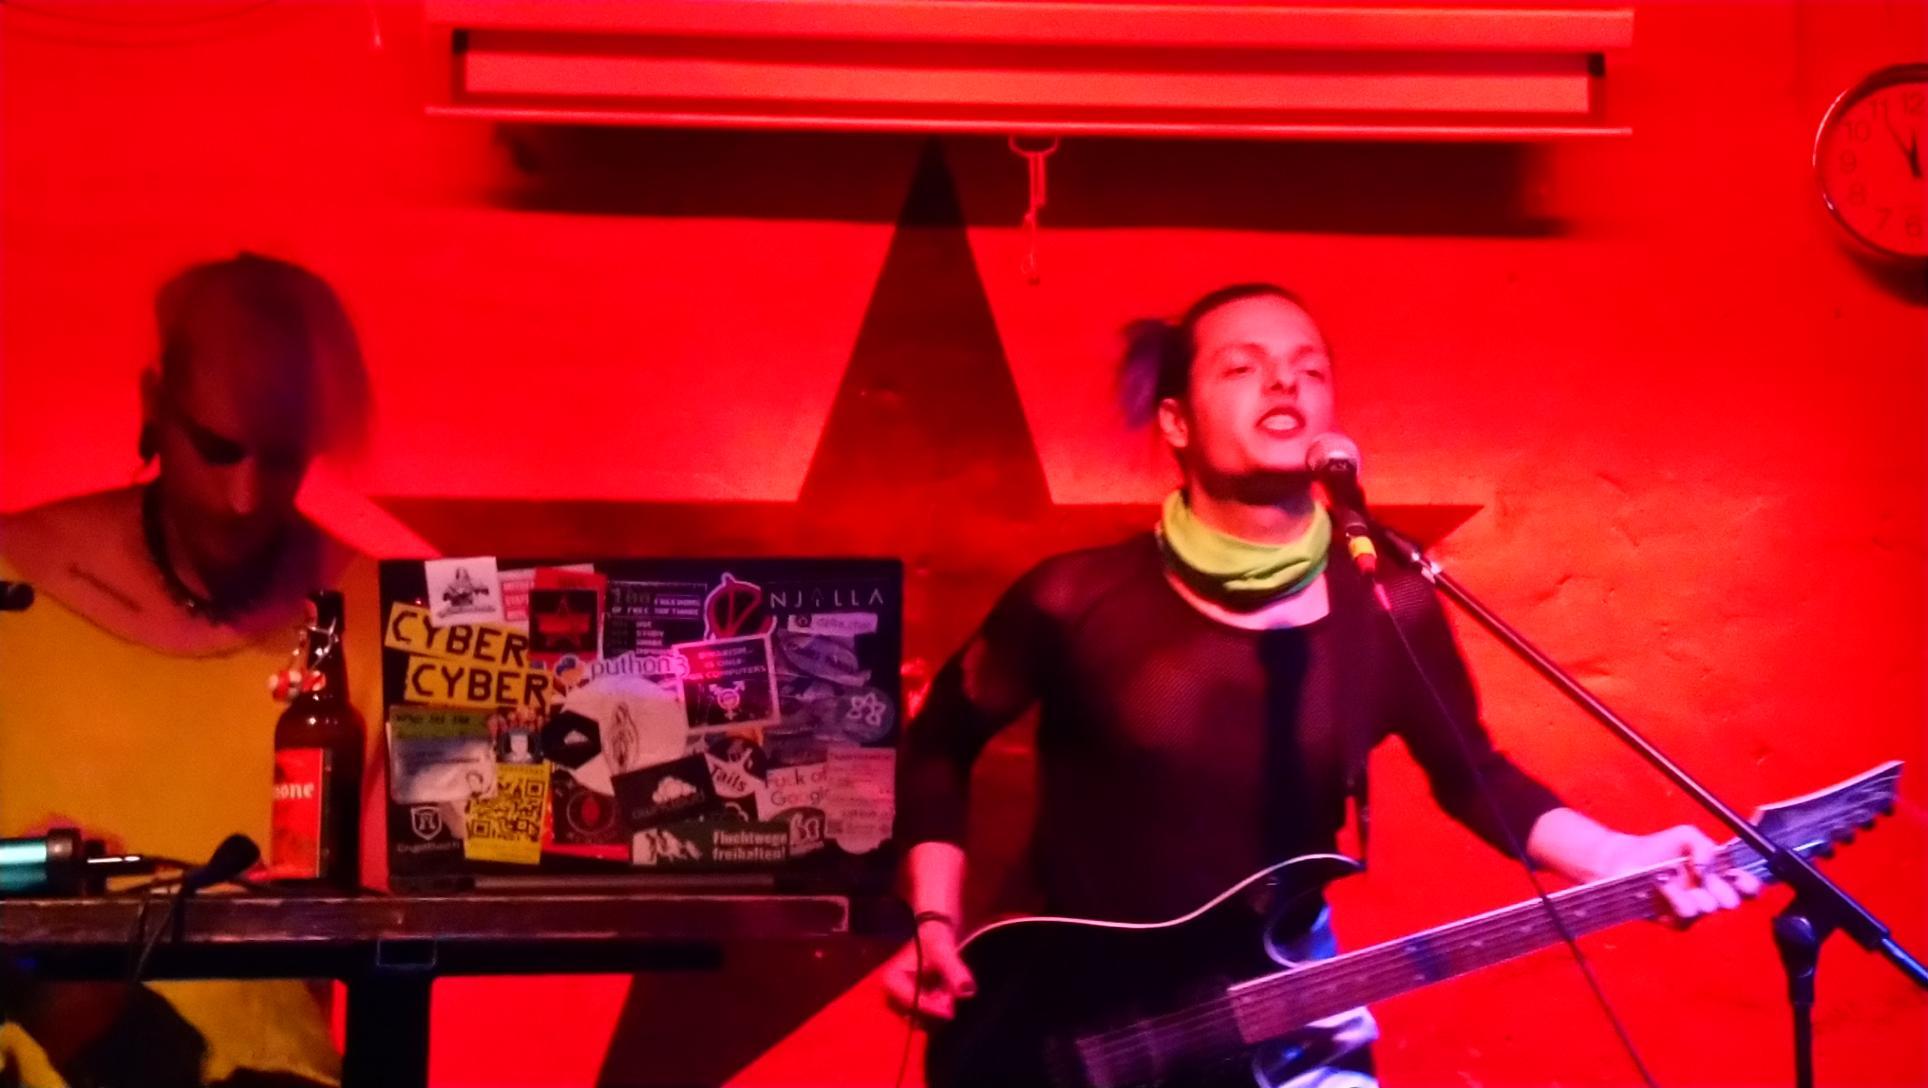 das_synthikat bei ihrem dritten Auftritt im Kunstverein - complÄxx mit E-Gitarre am Mikro, phant am Synthesizer.